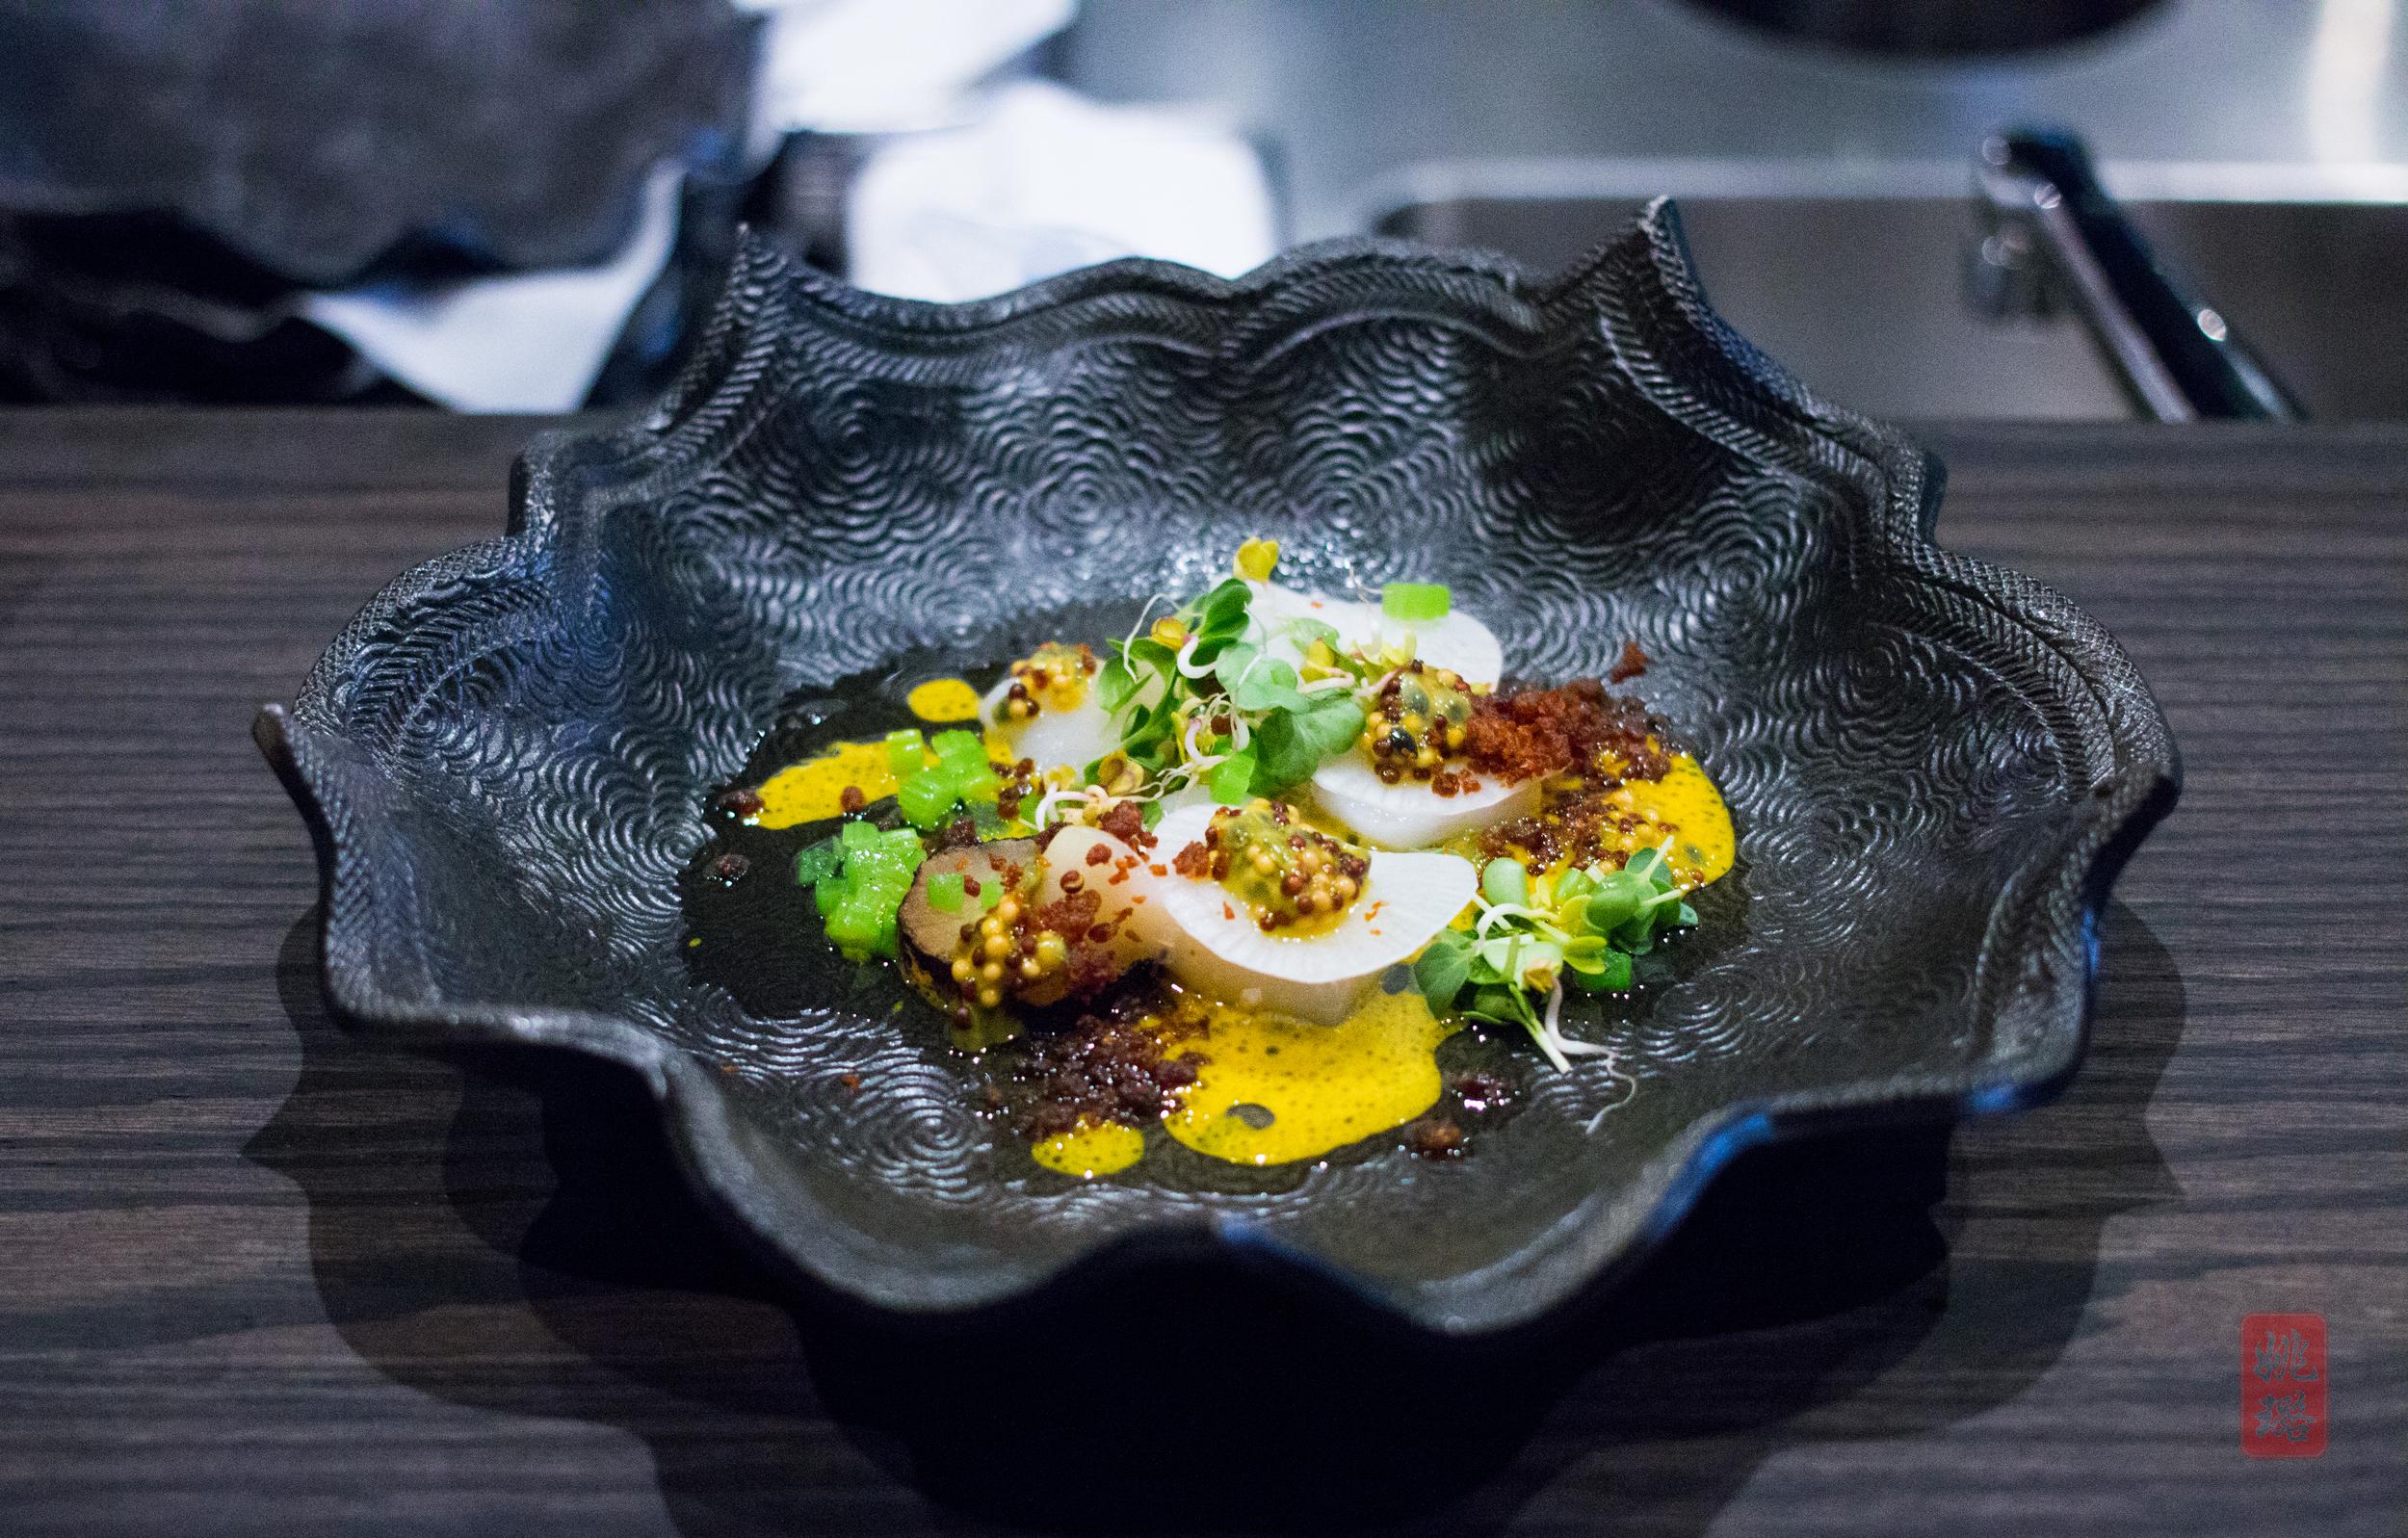 Scallop crudo - mustard, passionfruit, charred daikon